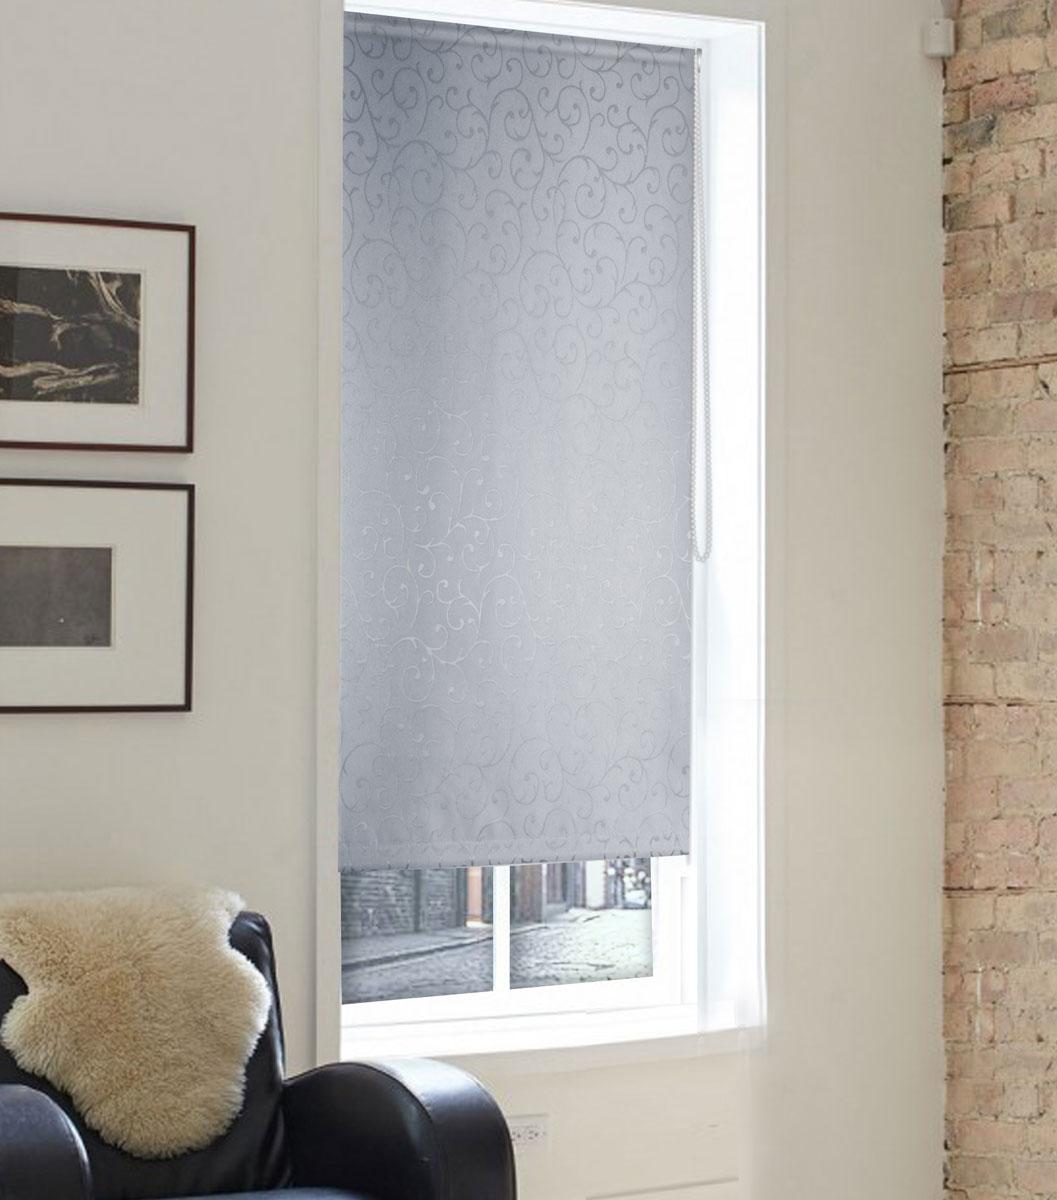 Штора рулонная Эскар Миниролло. Агат, фактурная, цвет: серый, ширина 68 см, высота 160 см37022068160Рулонная штора Эскар Миниролло. Агат выполнена из высокопрочной ткани, которая сохраняет свой размер даже при намокании. Ткань не выцветает и обладает отличной цветоустойчивостью.Миниролло - это подвид рулонных штор, который закрывает не весь оконный проем, а непосредственно само стекло. Такие шторы крепятся на раму без сверления при помощи зажимов или клейкой двухсторонней ленты. Окно остается на гарантии, благодаря монтажу без сверления. Такая штора станет прекрасным элементом декора окна и гармонично впишется в интерьер любого помещения.